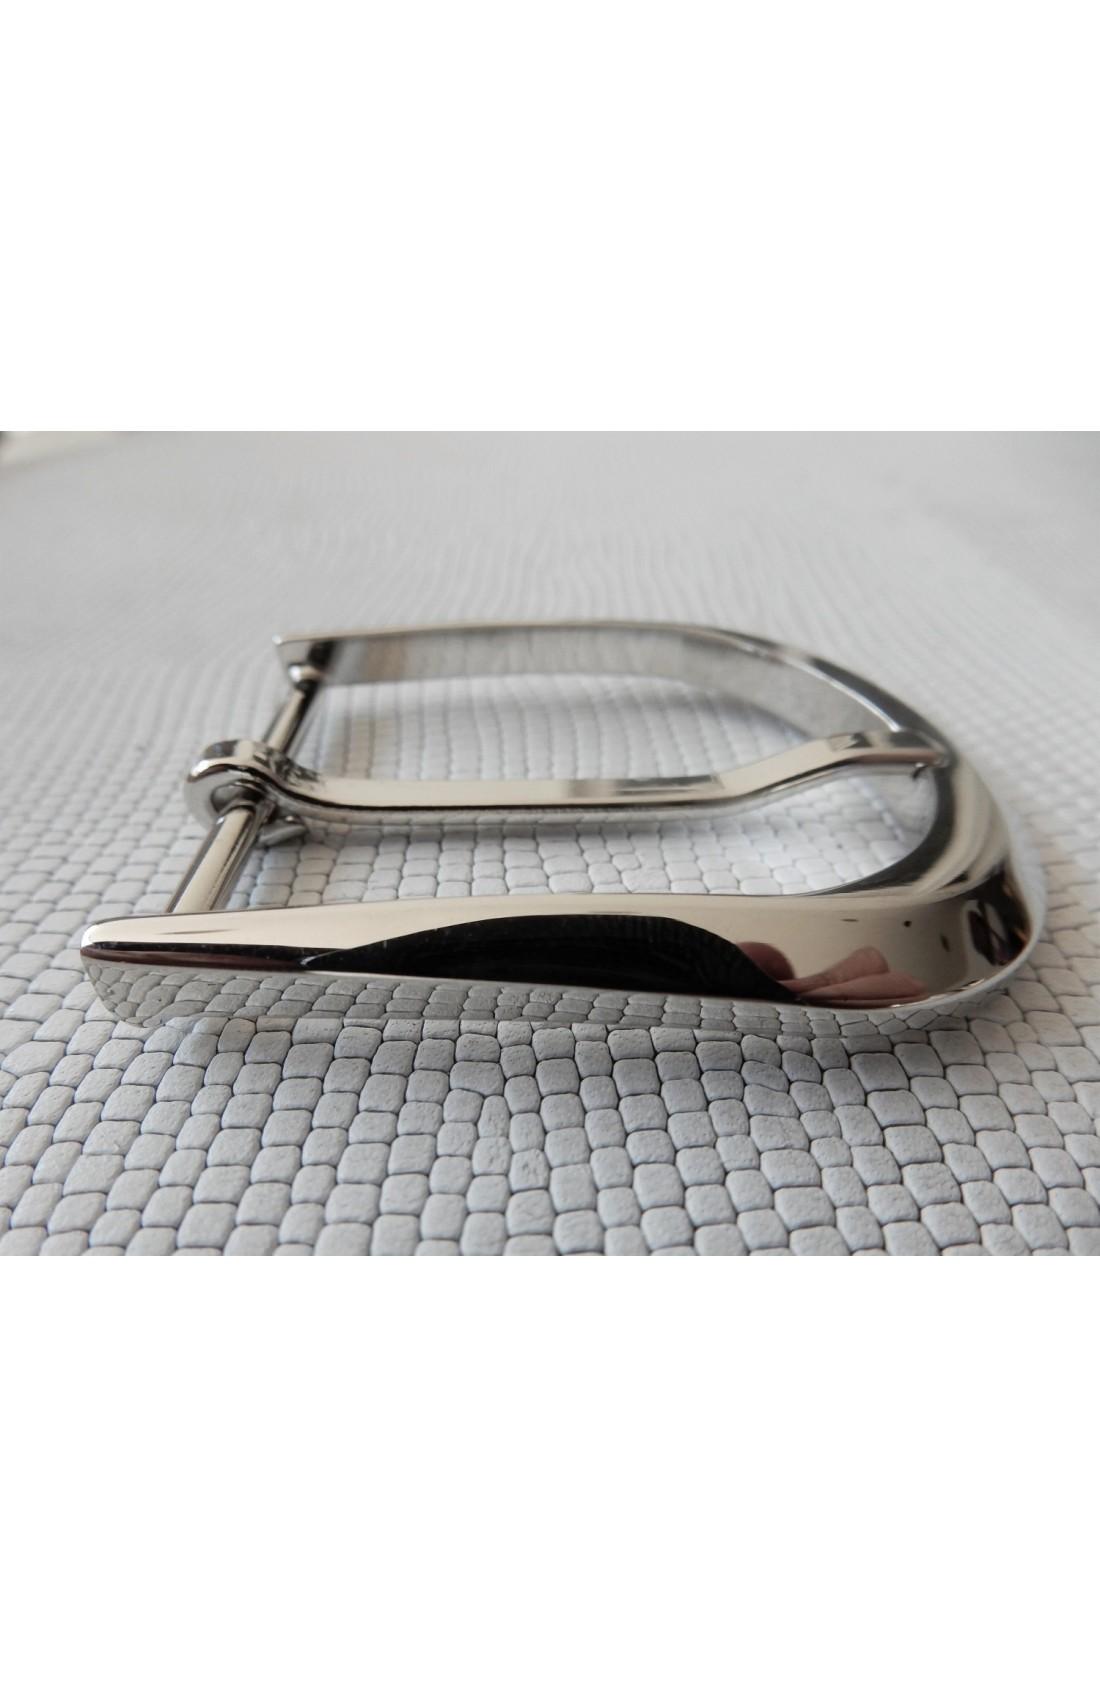 Fibbia Standard N 22 mm.35 nikel free (2)